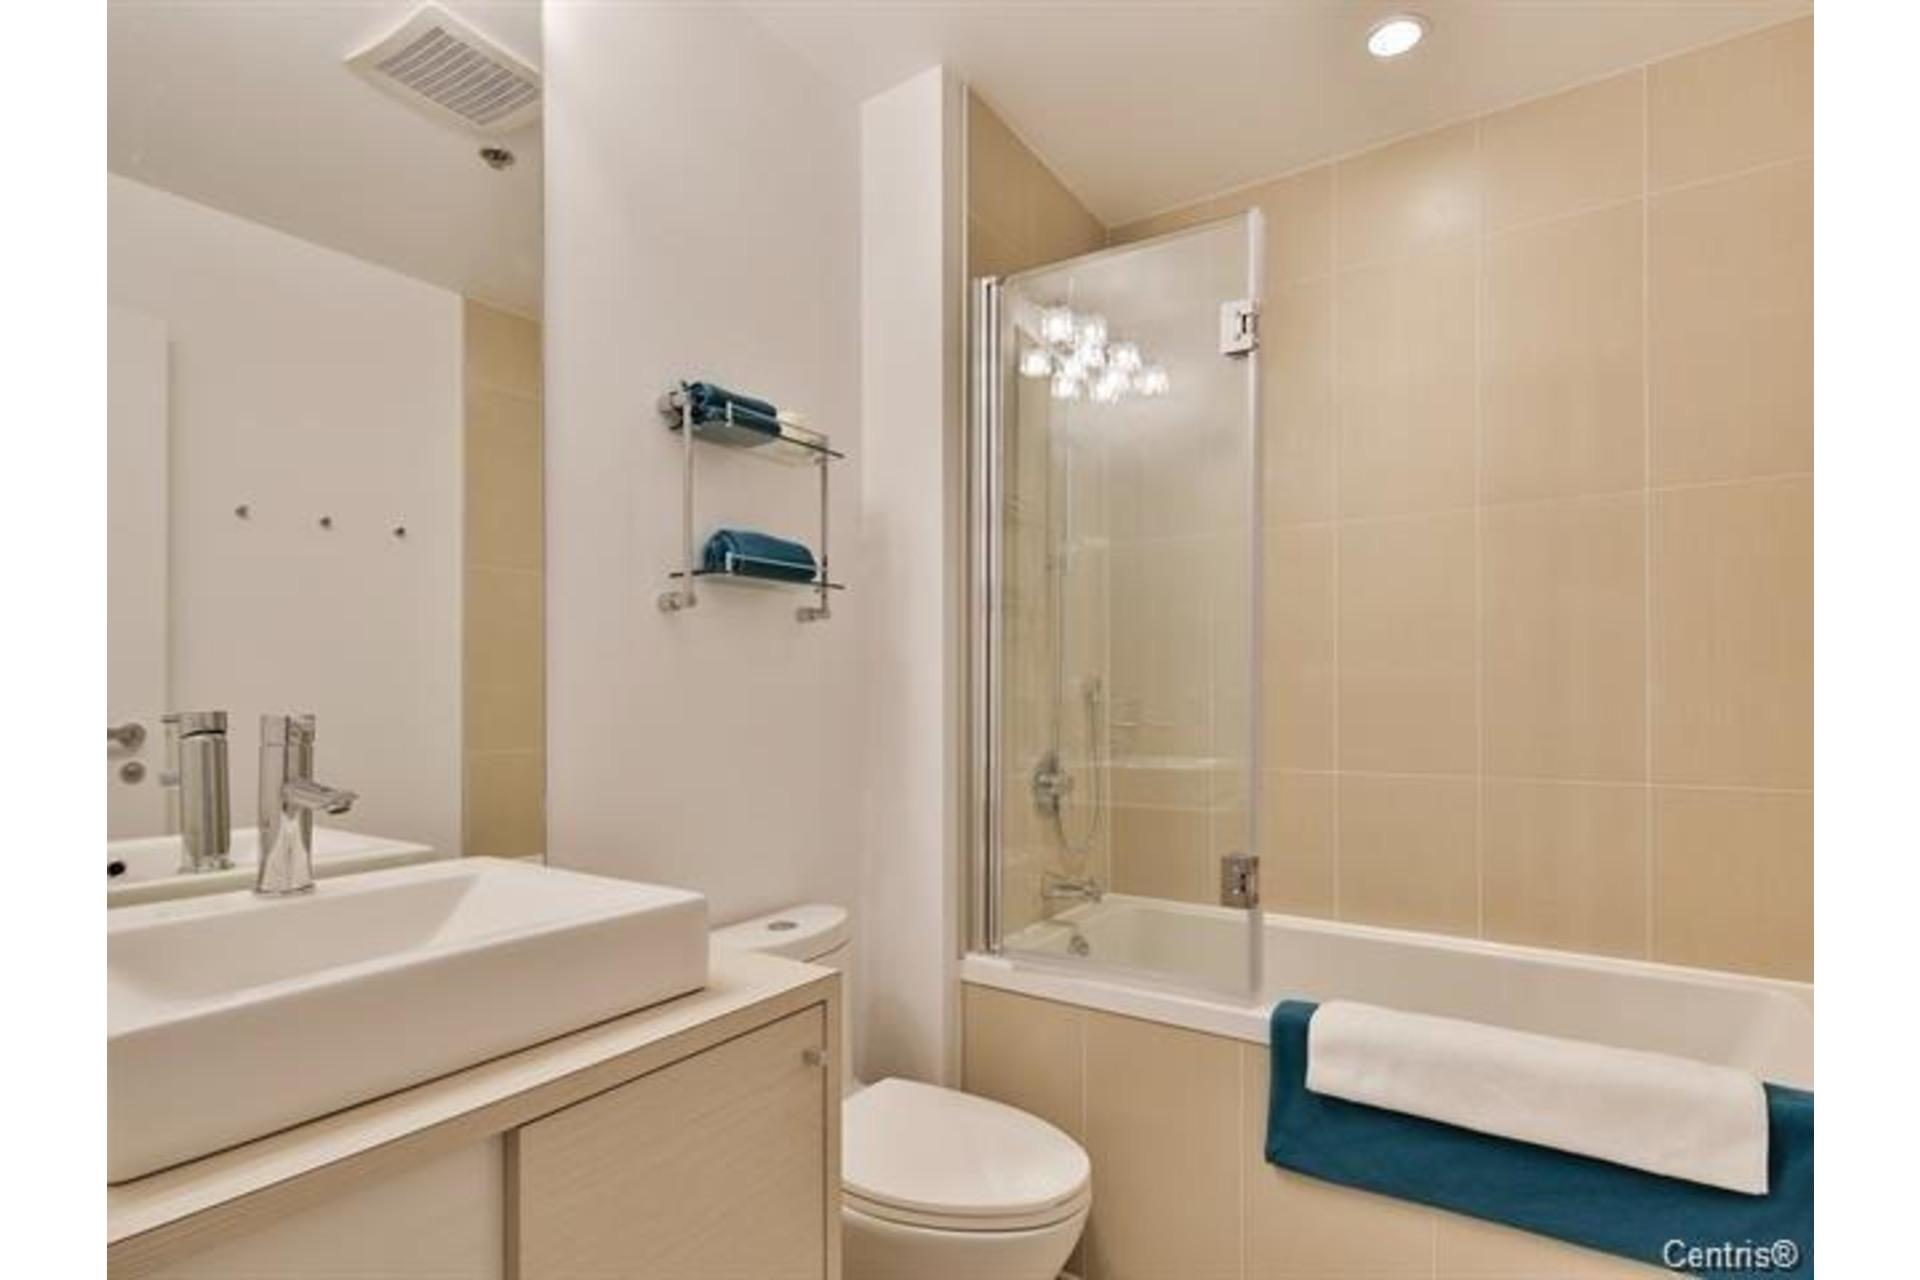 image 4 - Appartement À louer Montréal